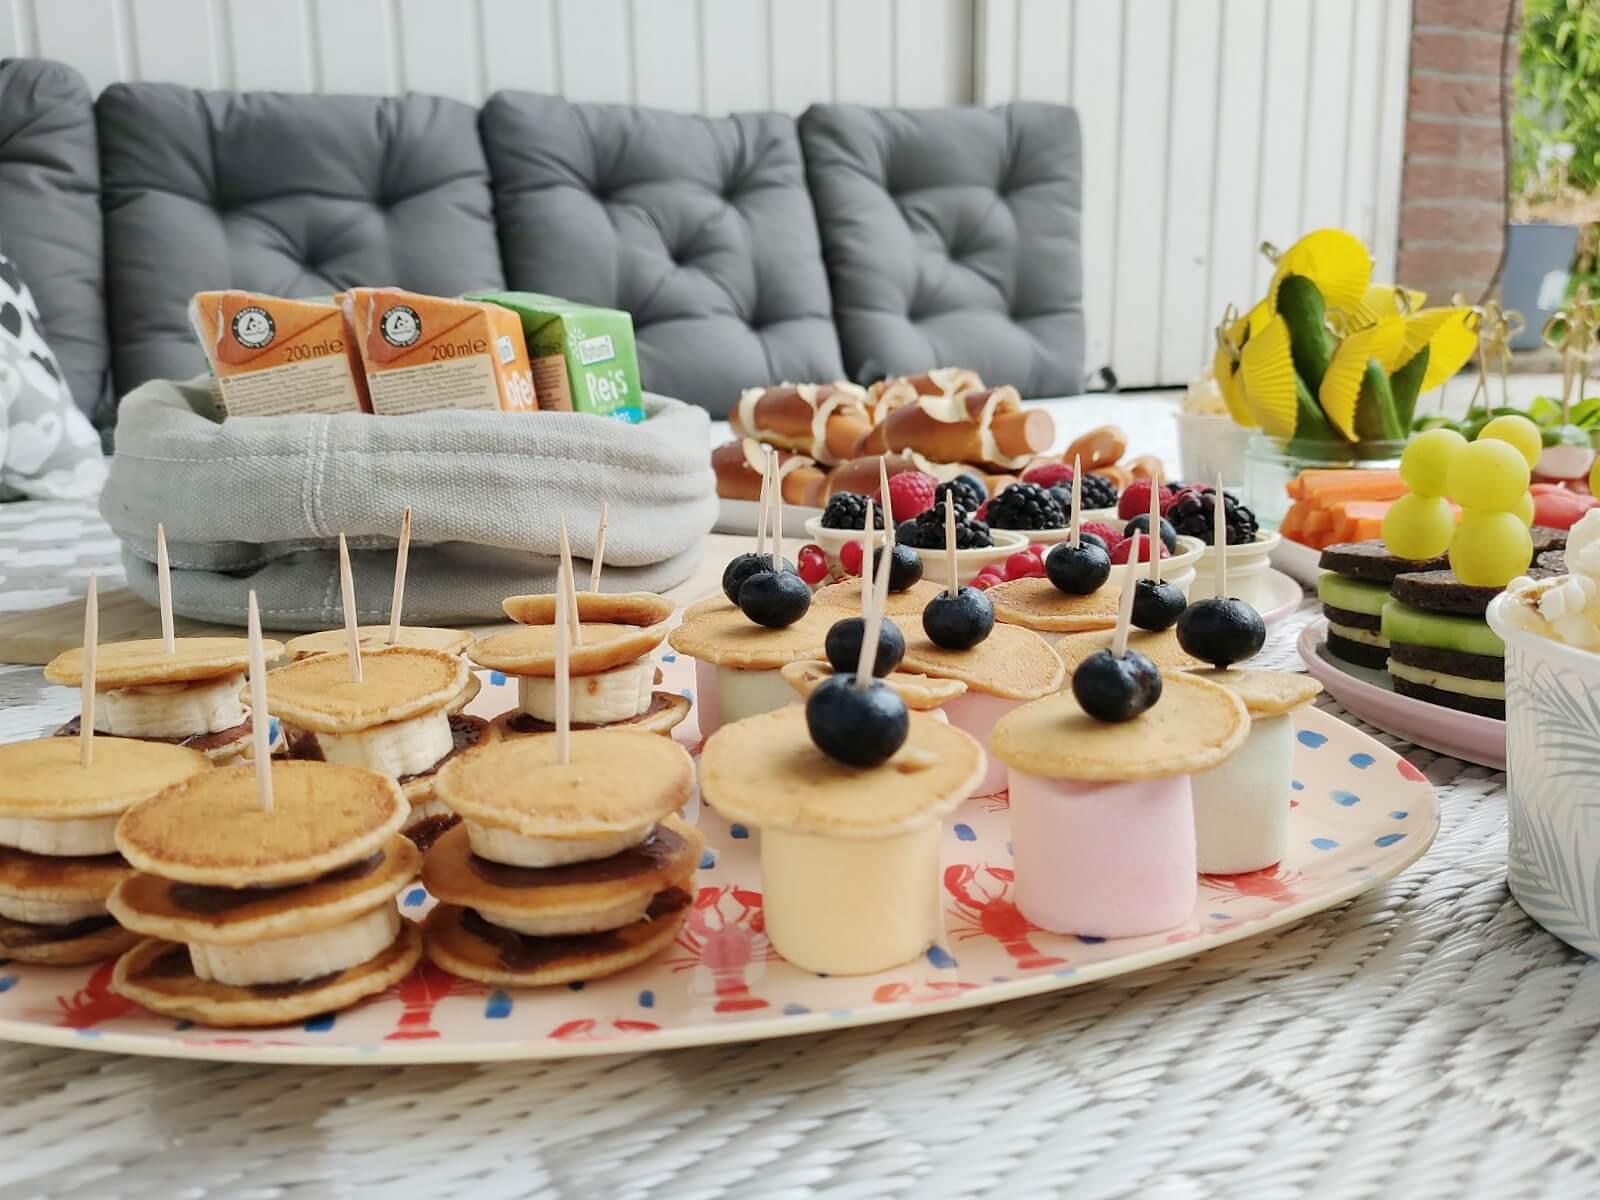 Essen für Kindergeburtstag oder Brotbox Bento: Snacks, die Kinder wirklich mögen